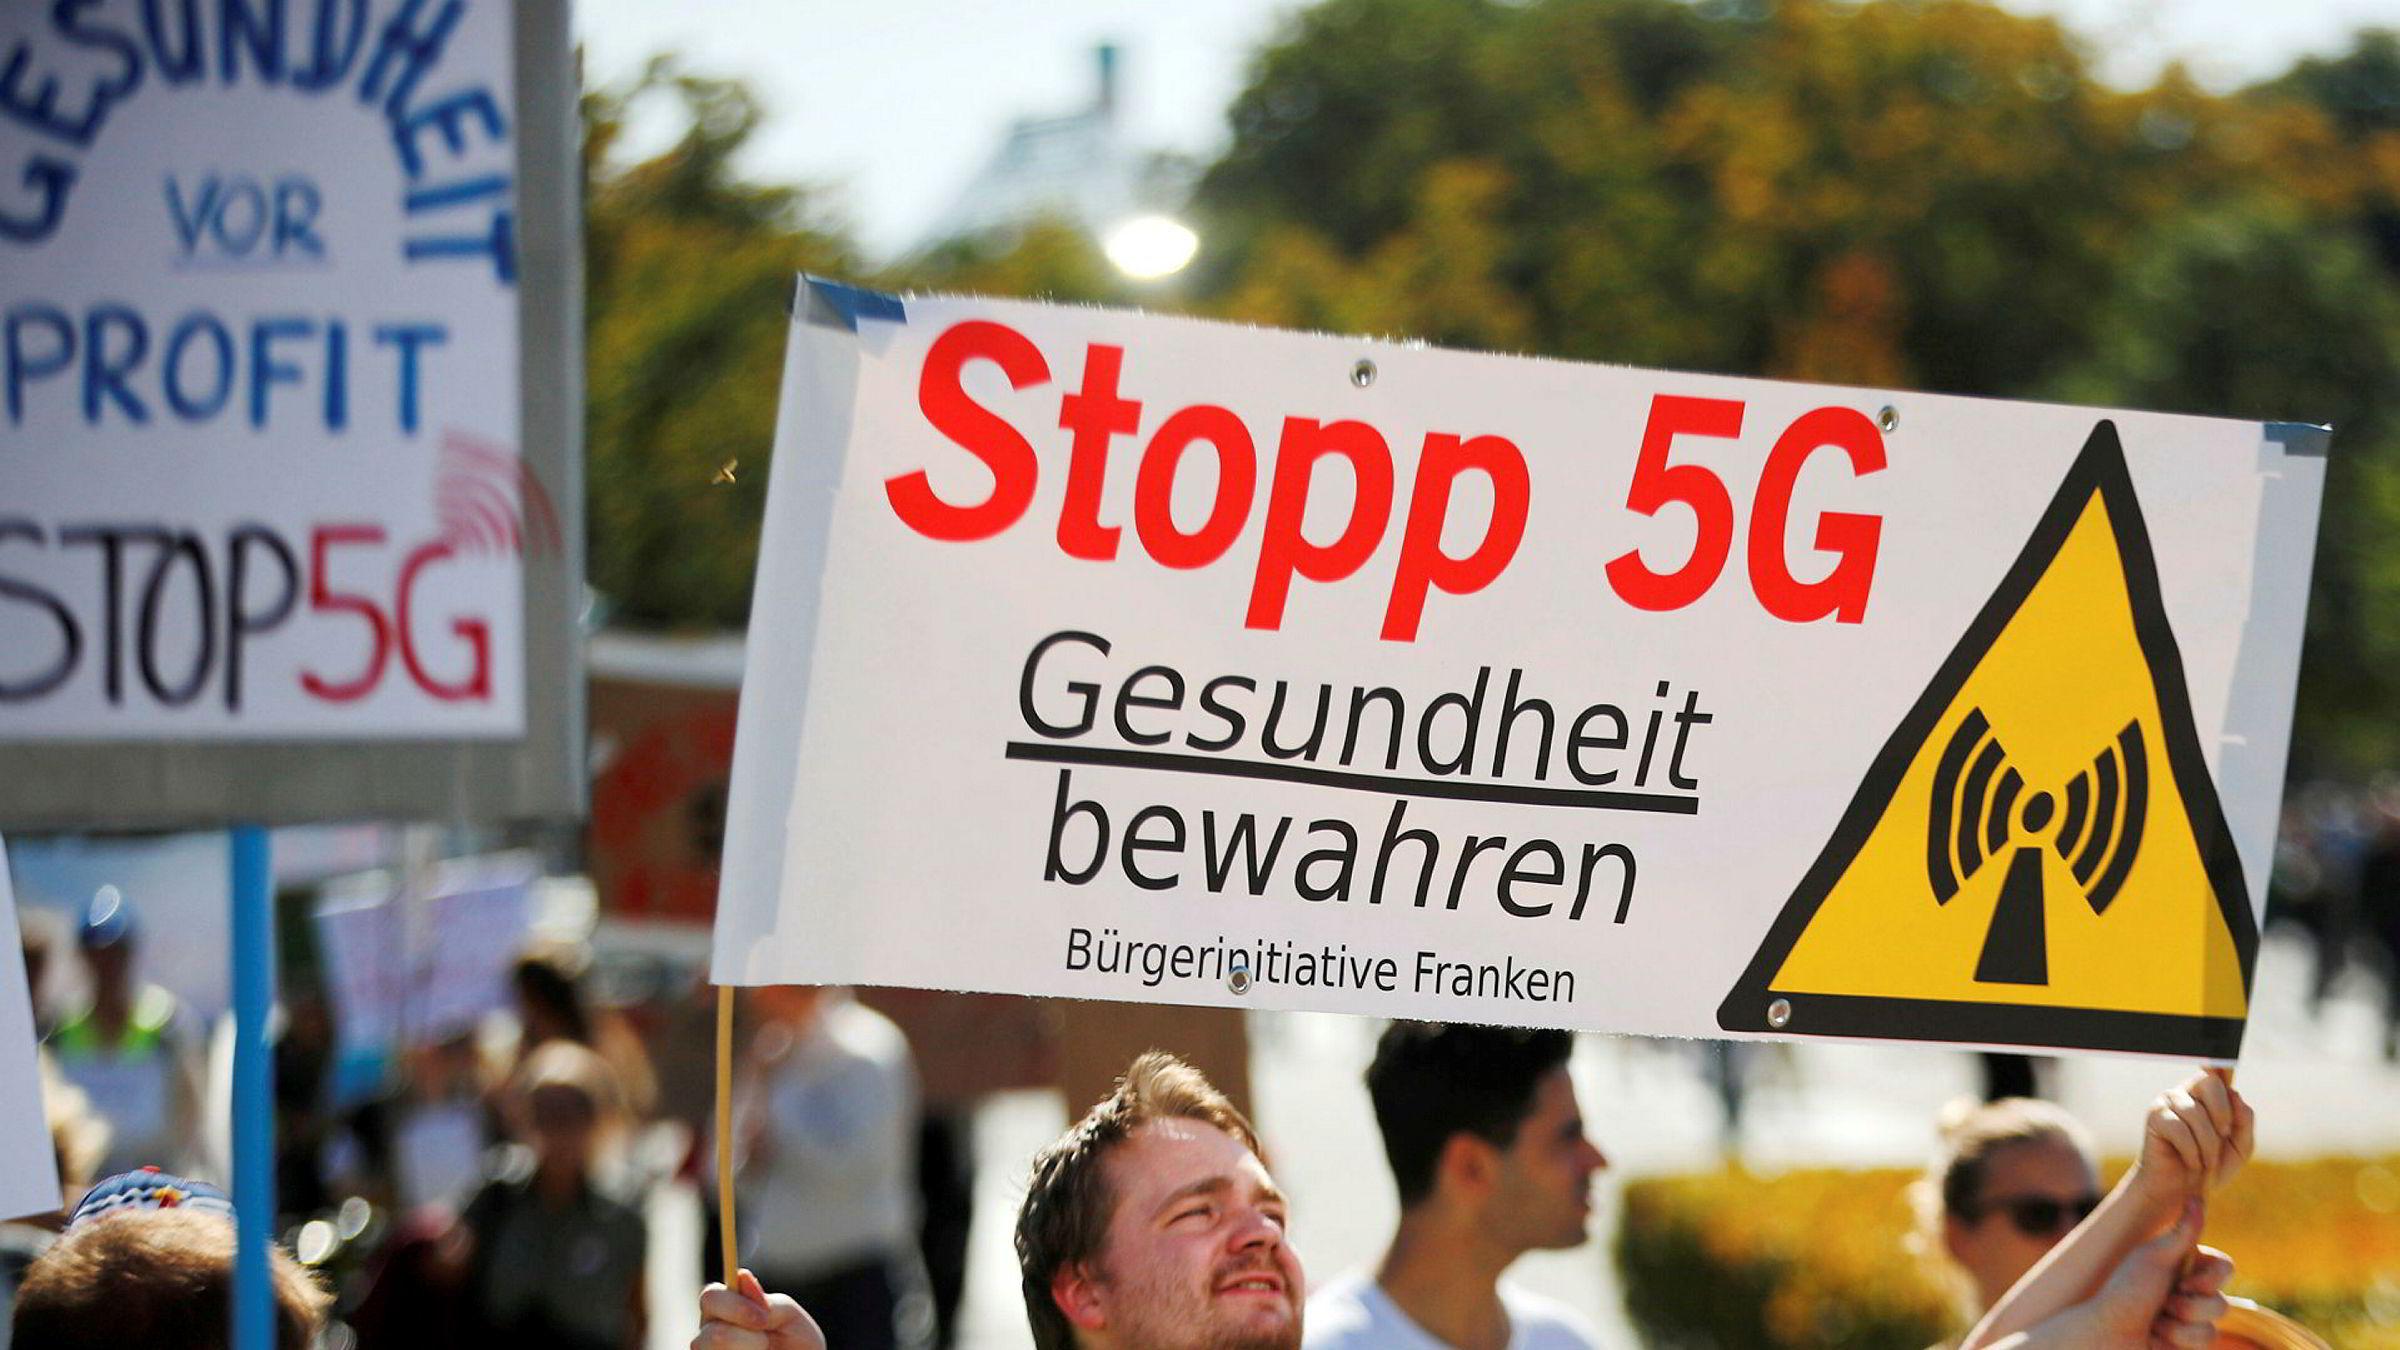 Det var demonstrasjoner utenfor den tyske nasjonalforsamlingen mot utbygging av 5G i høst. Tyske politikere vurderer å utestenge tyske Huawei av sikkerhetsårsaker – slik norske myndigheter har gjort. Det kan føre til reaksjoner fra Kina.